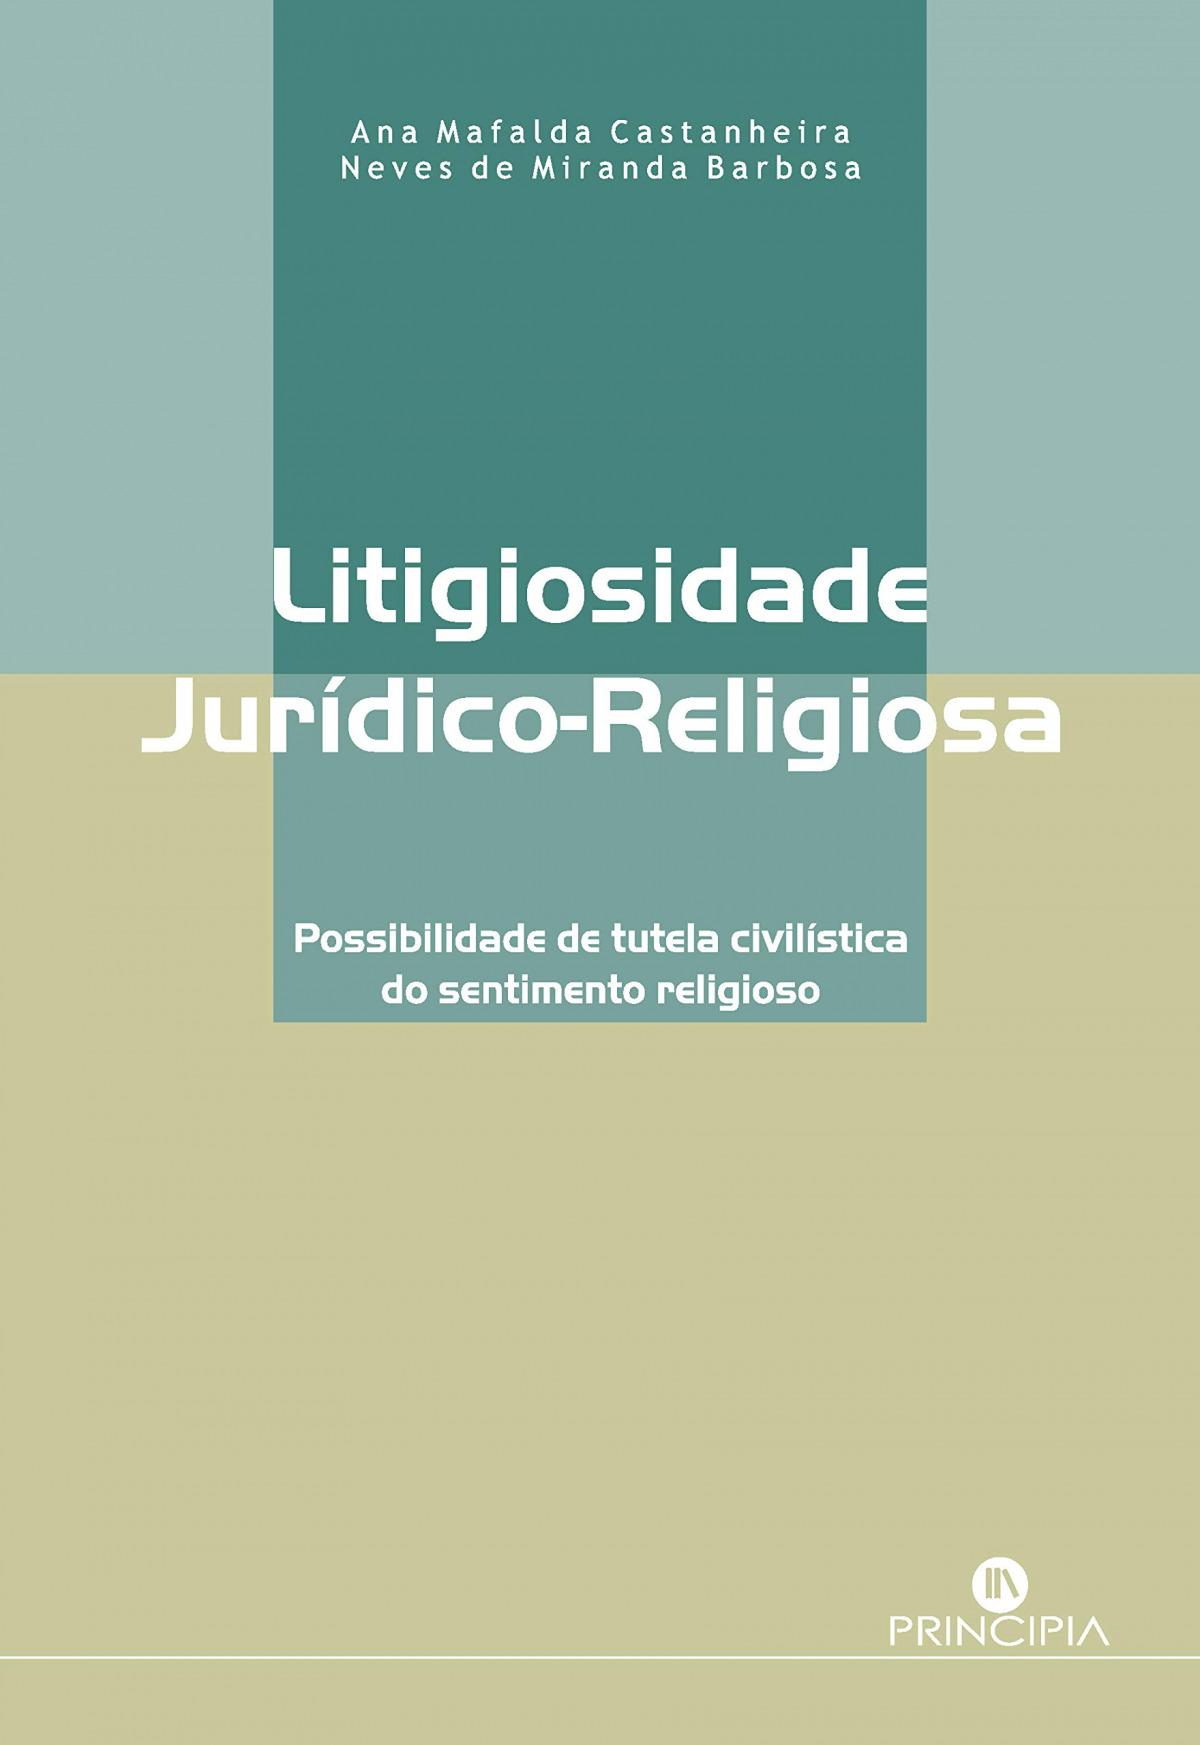 Litigiosidade Jur¡dico-Religiosa 9789897161292